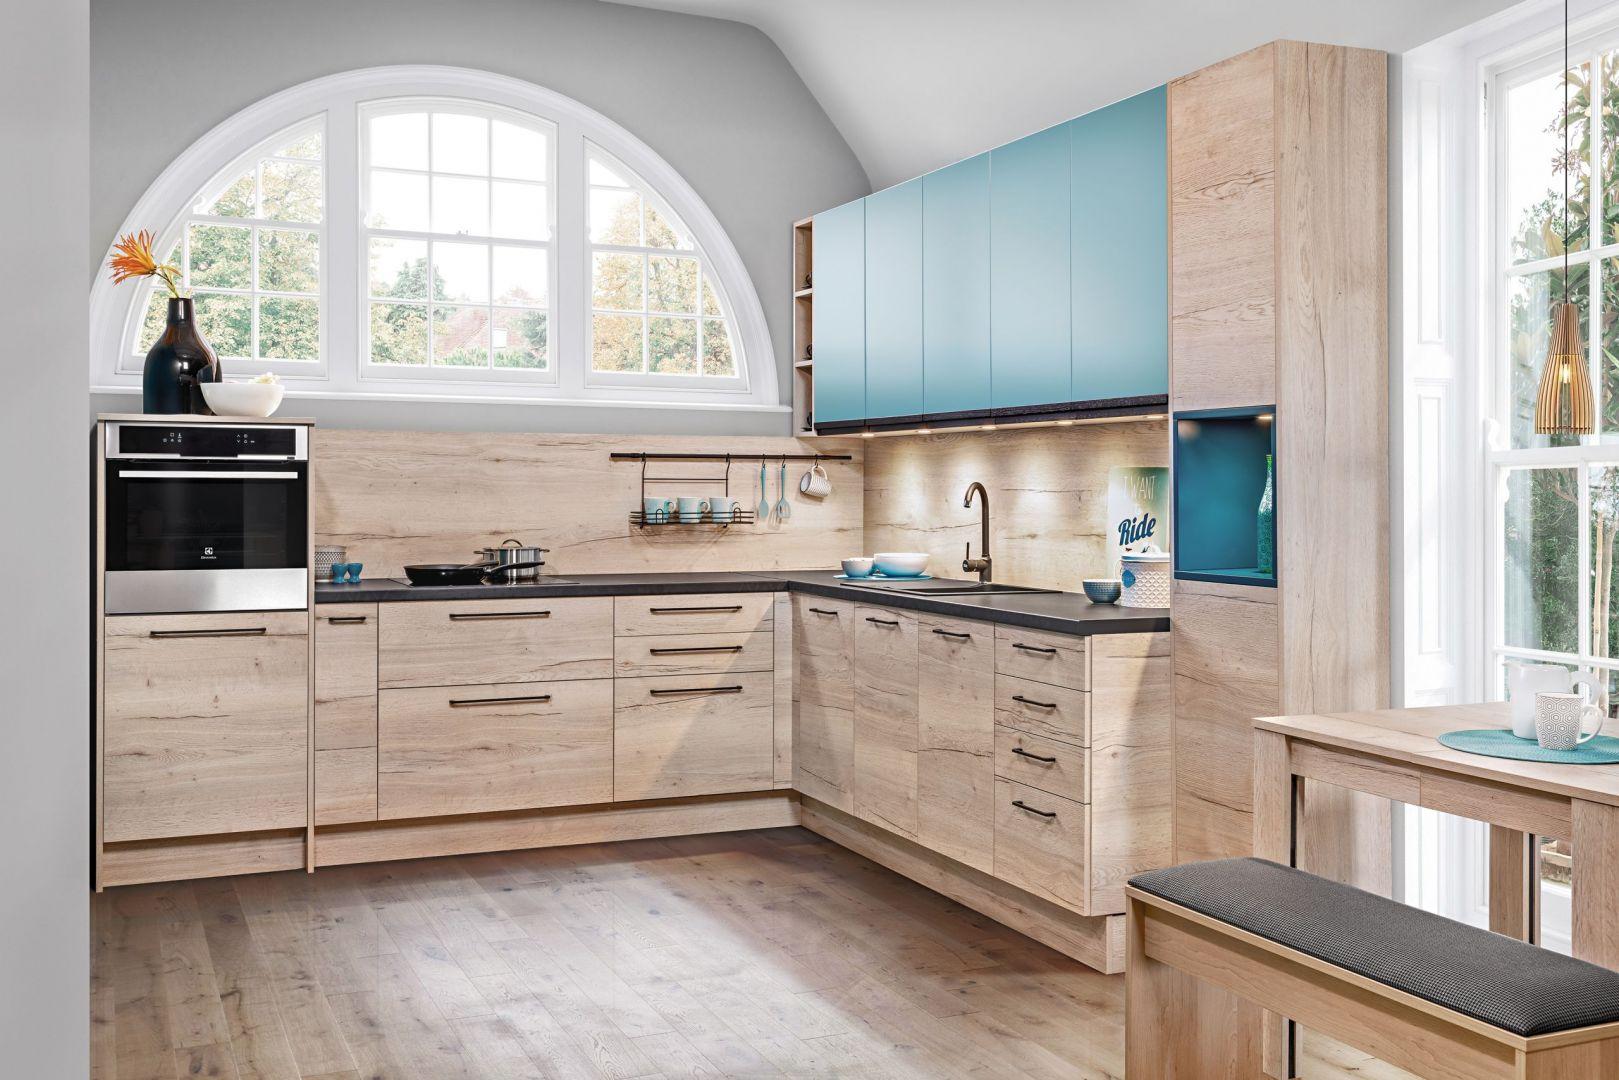 Ożywcze barwy w tonacjach niebieskich odmienią wygląd kuchni. Fot. KAM